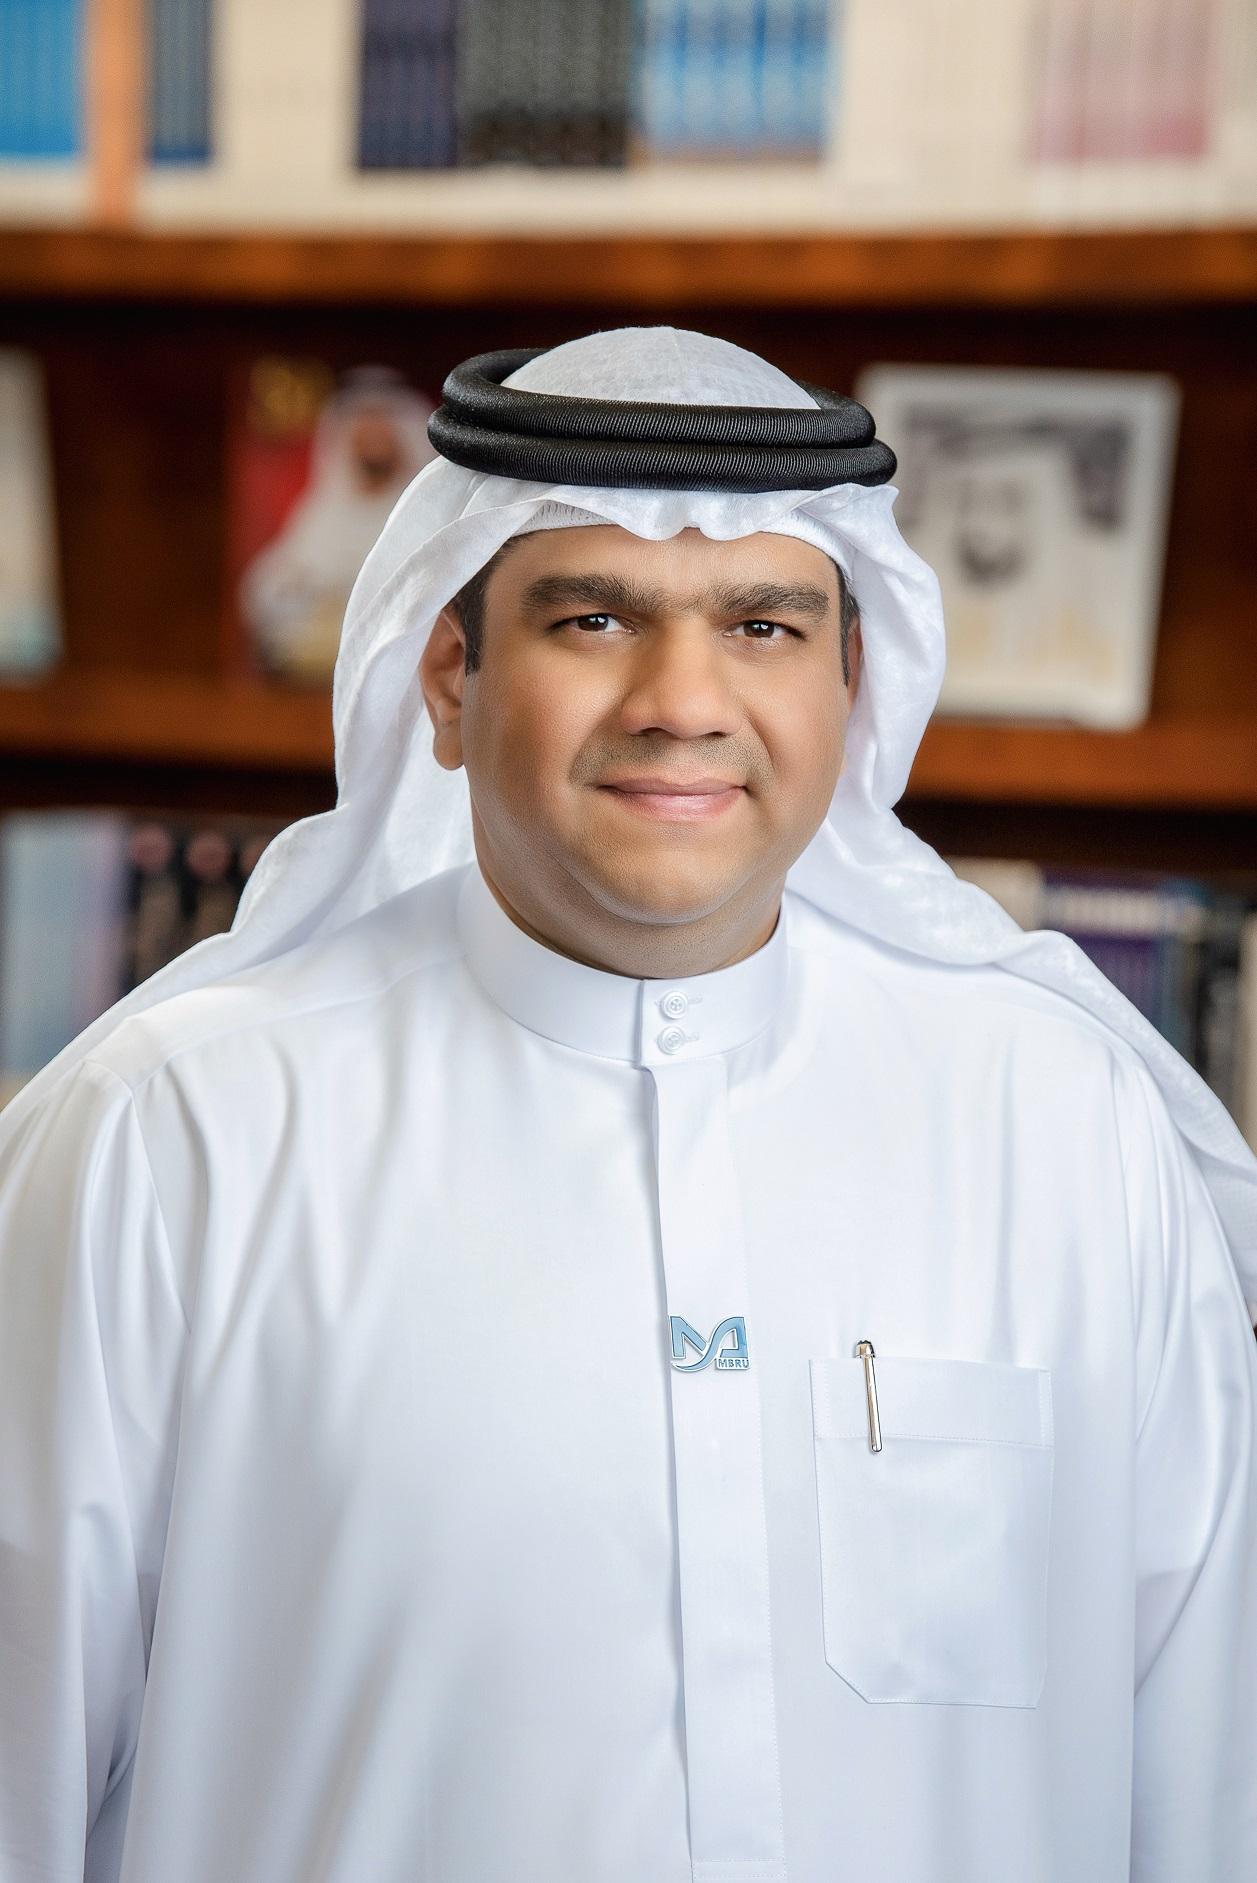 في يوم المرأة الإماراتية خريجات جامعة محمد بن راشد للطب والعلوم الصحية سند للوطن في مواجهة جائحة كوفيد 19 مجلة المنارة